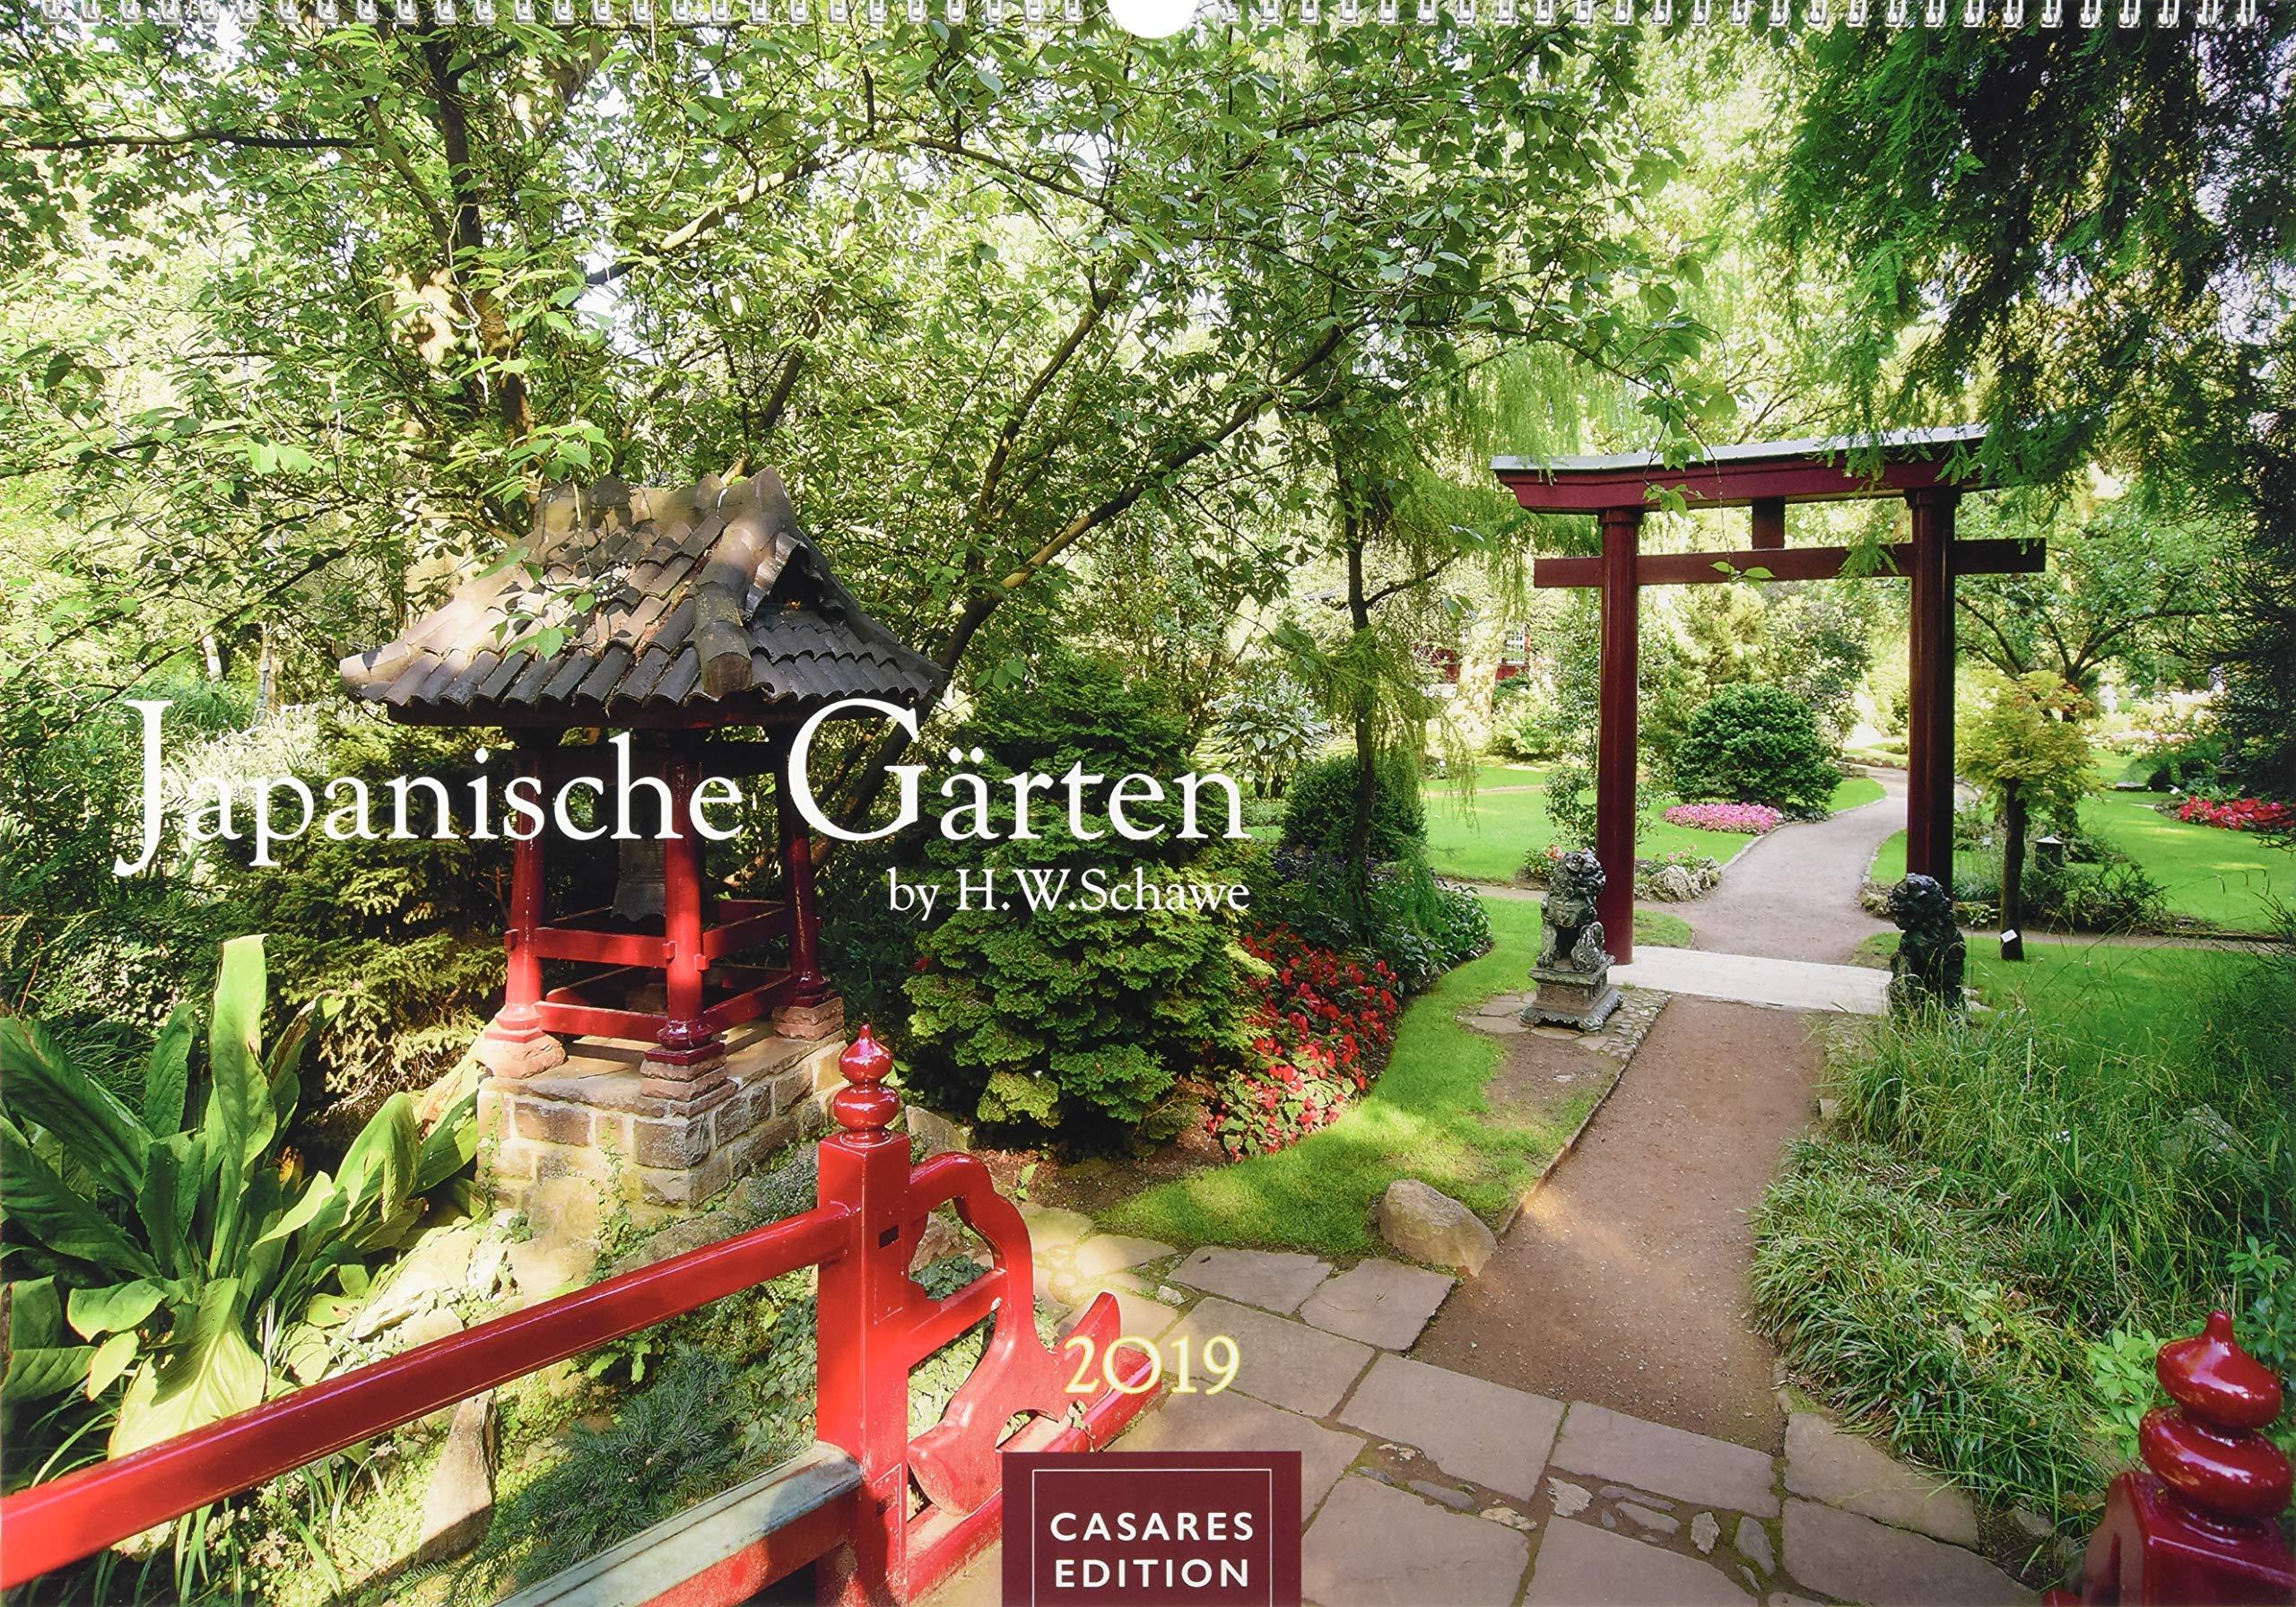 Atemberaubend Japanische Gärten 2019 L 50x35cm: Amazon.de: H.W. Schawe: Bücher &FI_49